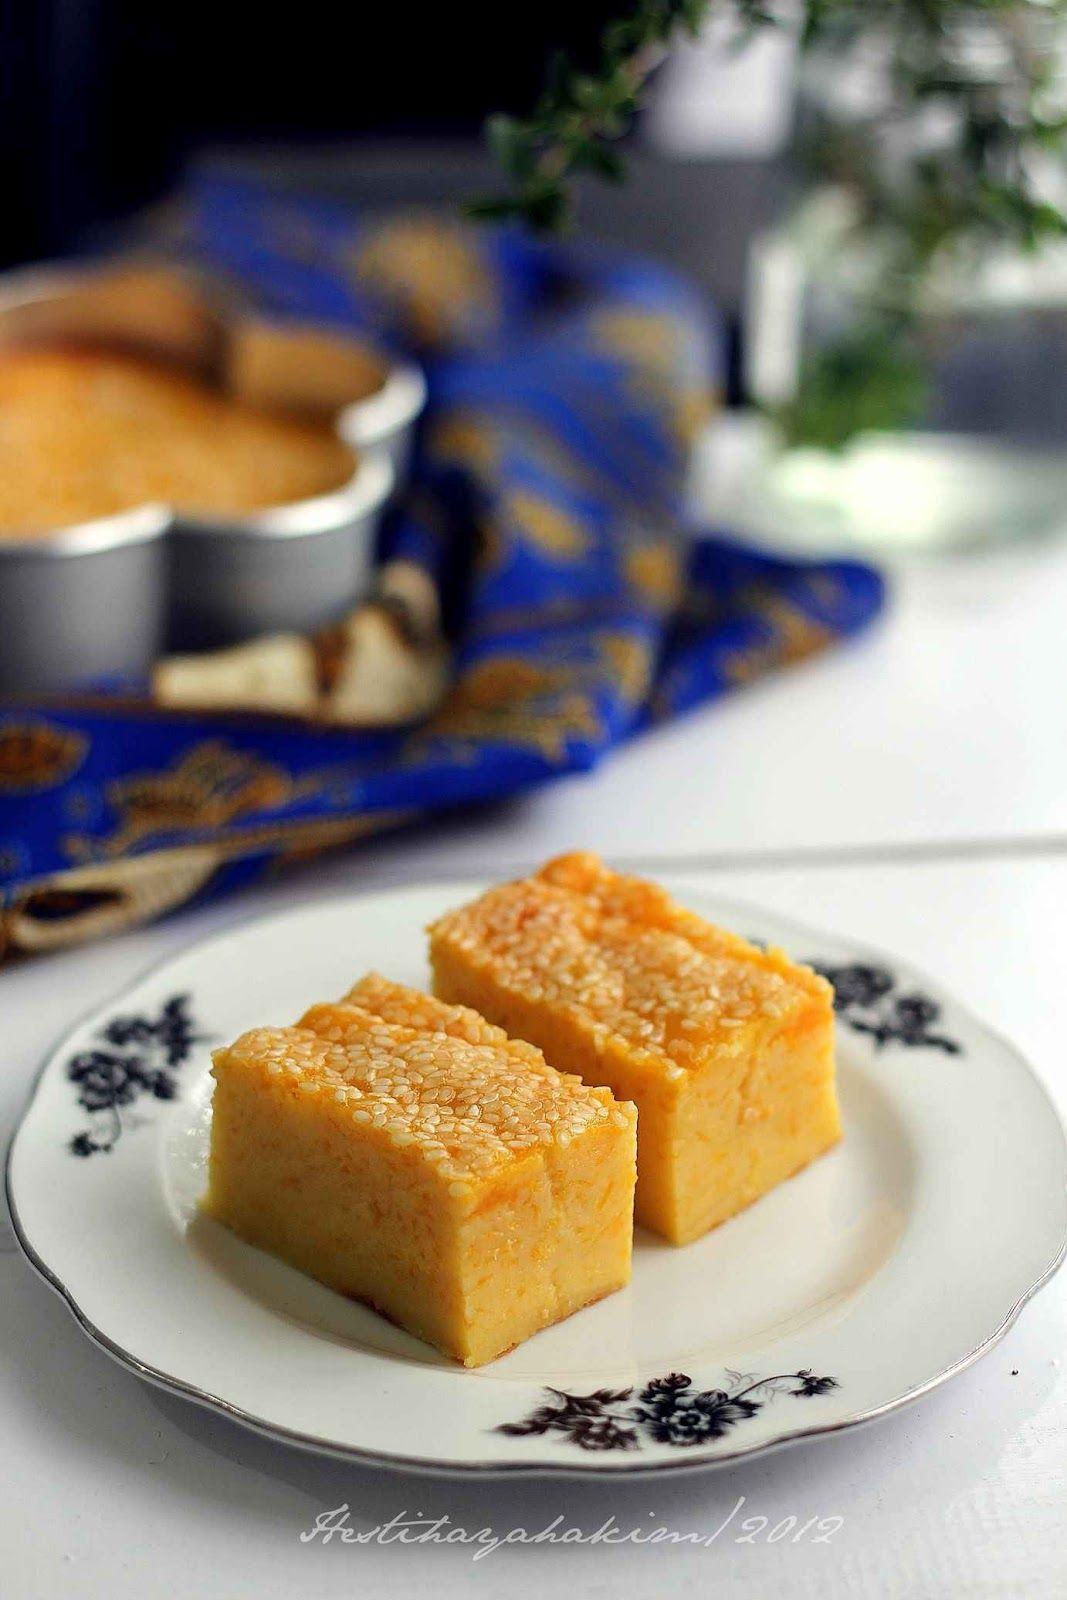 Hesti S Kitchen Yummy For Your Tummy Bingka Labu Makanan Makanan Ringan Manis Makanan Dan Minuman